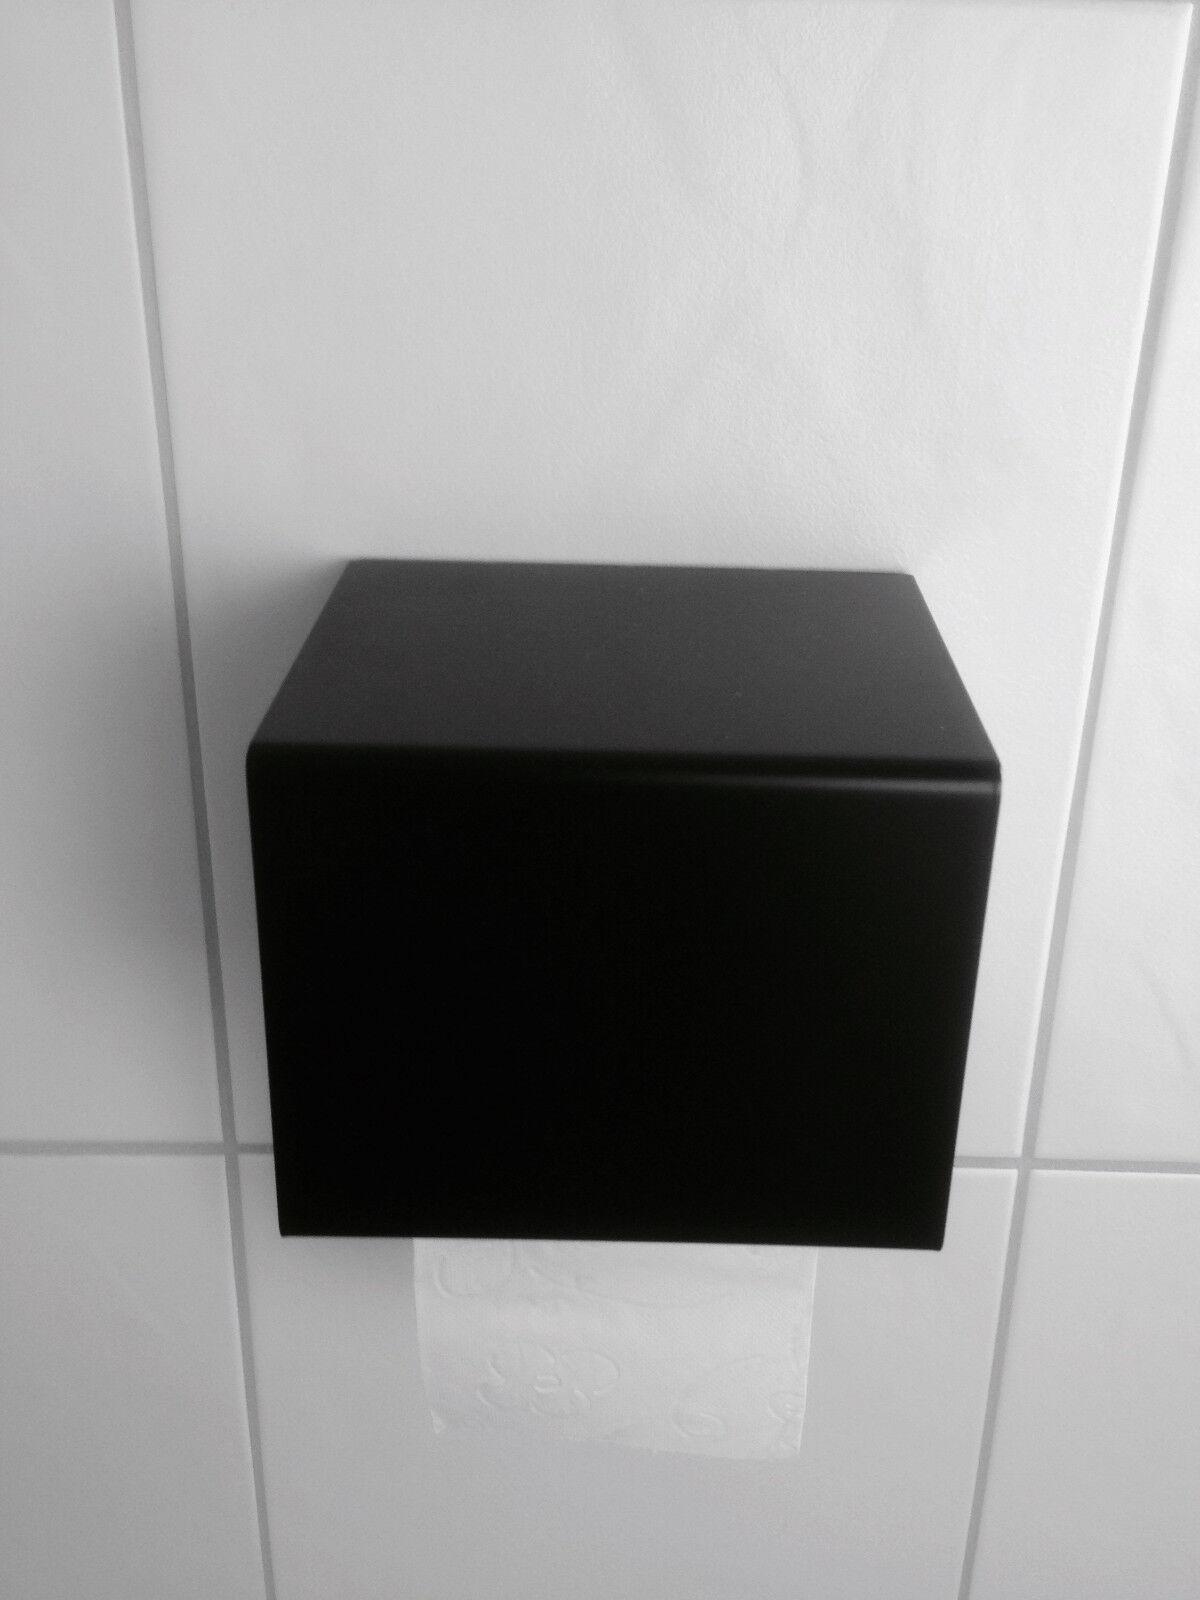 Klopapierhalter KlGoldllenhalter KlGoldllenhalter KlGoldllenhalter Designer Toilettenpapierhalter WC Bad schwarz 76194e